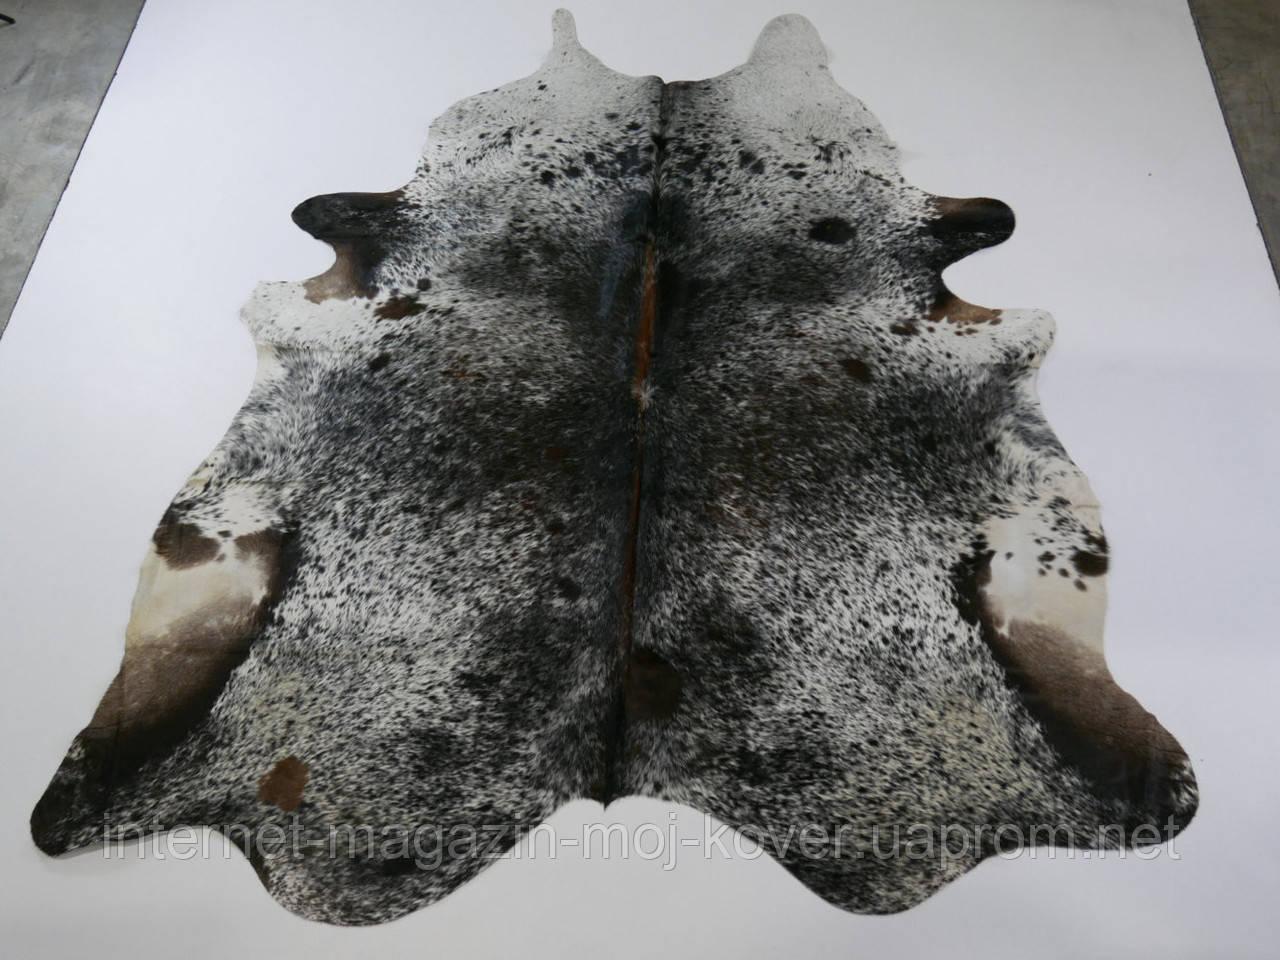 Шкура коровы на пол черно коричневого цвета с белыми вкраплениями